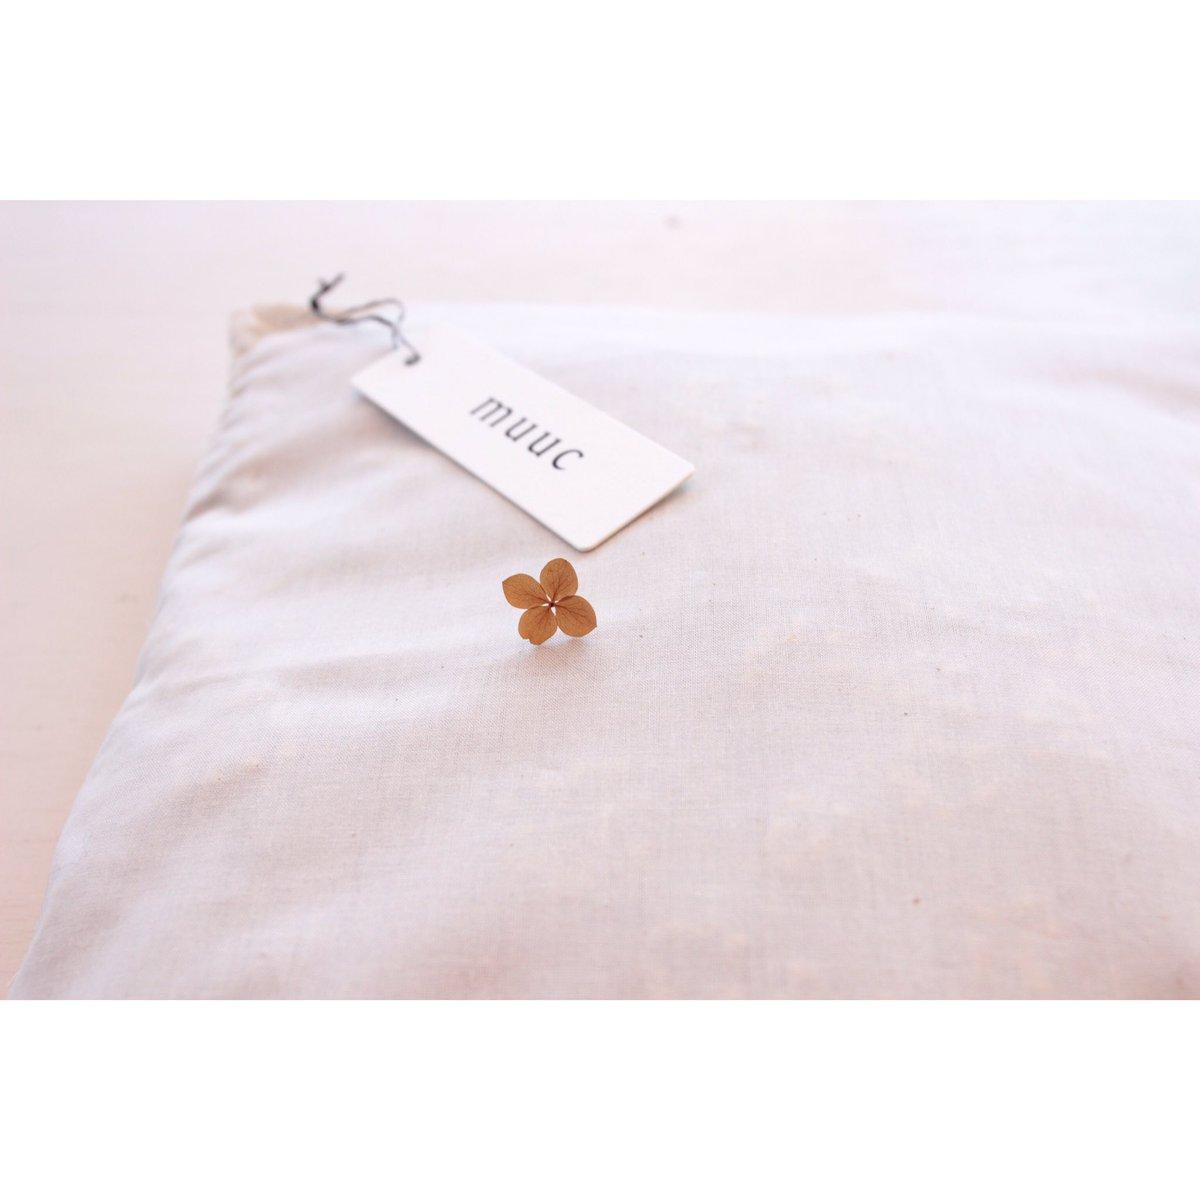 各ショップで muuc コレクションの販売がはじまりました。  良い商品をお届けできるように 精進致します。よろしくお願いします。  #muuc #everlastingsprout #textile #テキスタイルデザイン #ニットデザイン #村松啓市pic.twitter.com/C6mULRMkze